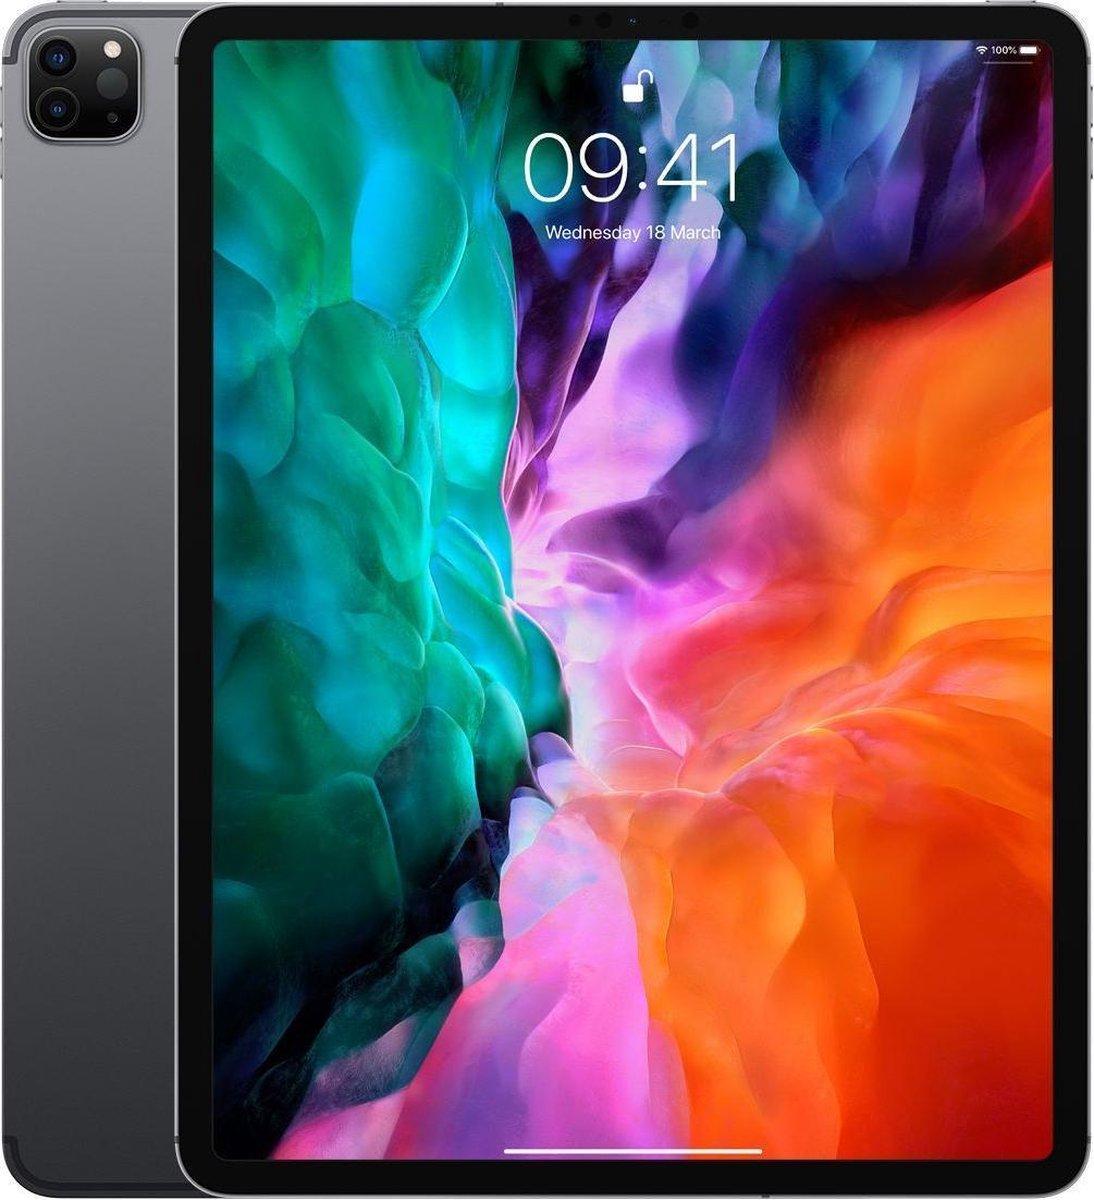 Apple iPad Pro (2020) refurbished door Adognicosto - B Grade (Lichte gebruikssporen) - 12.9 inch - WiFi/4G - 128GB - Spacegrijs